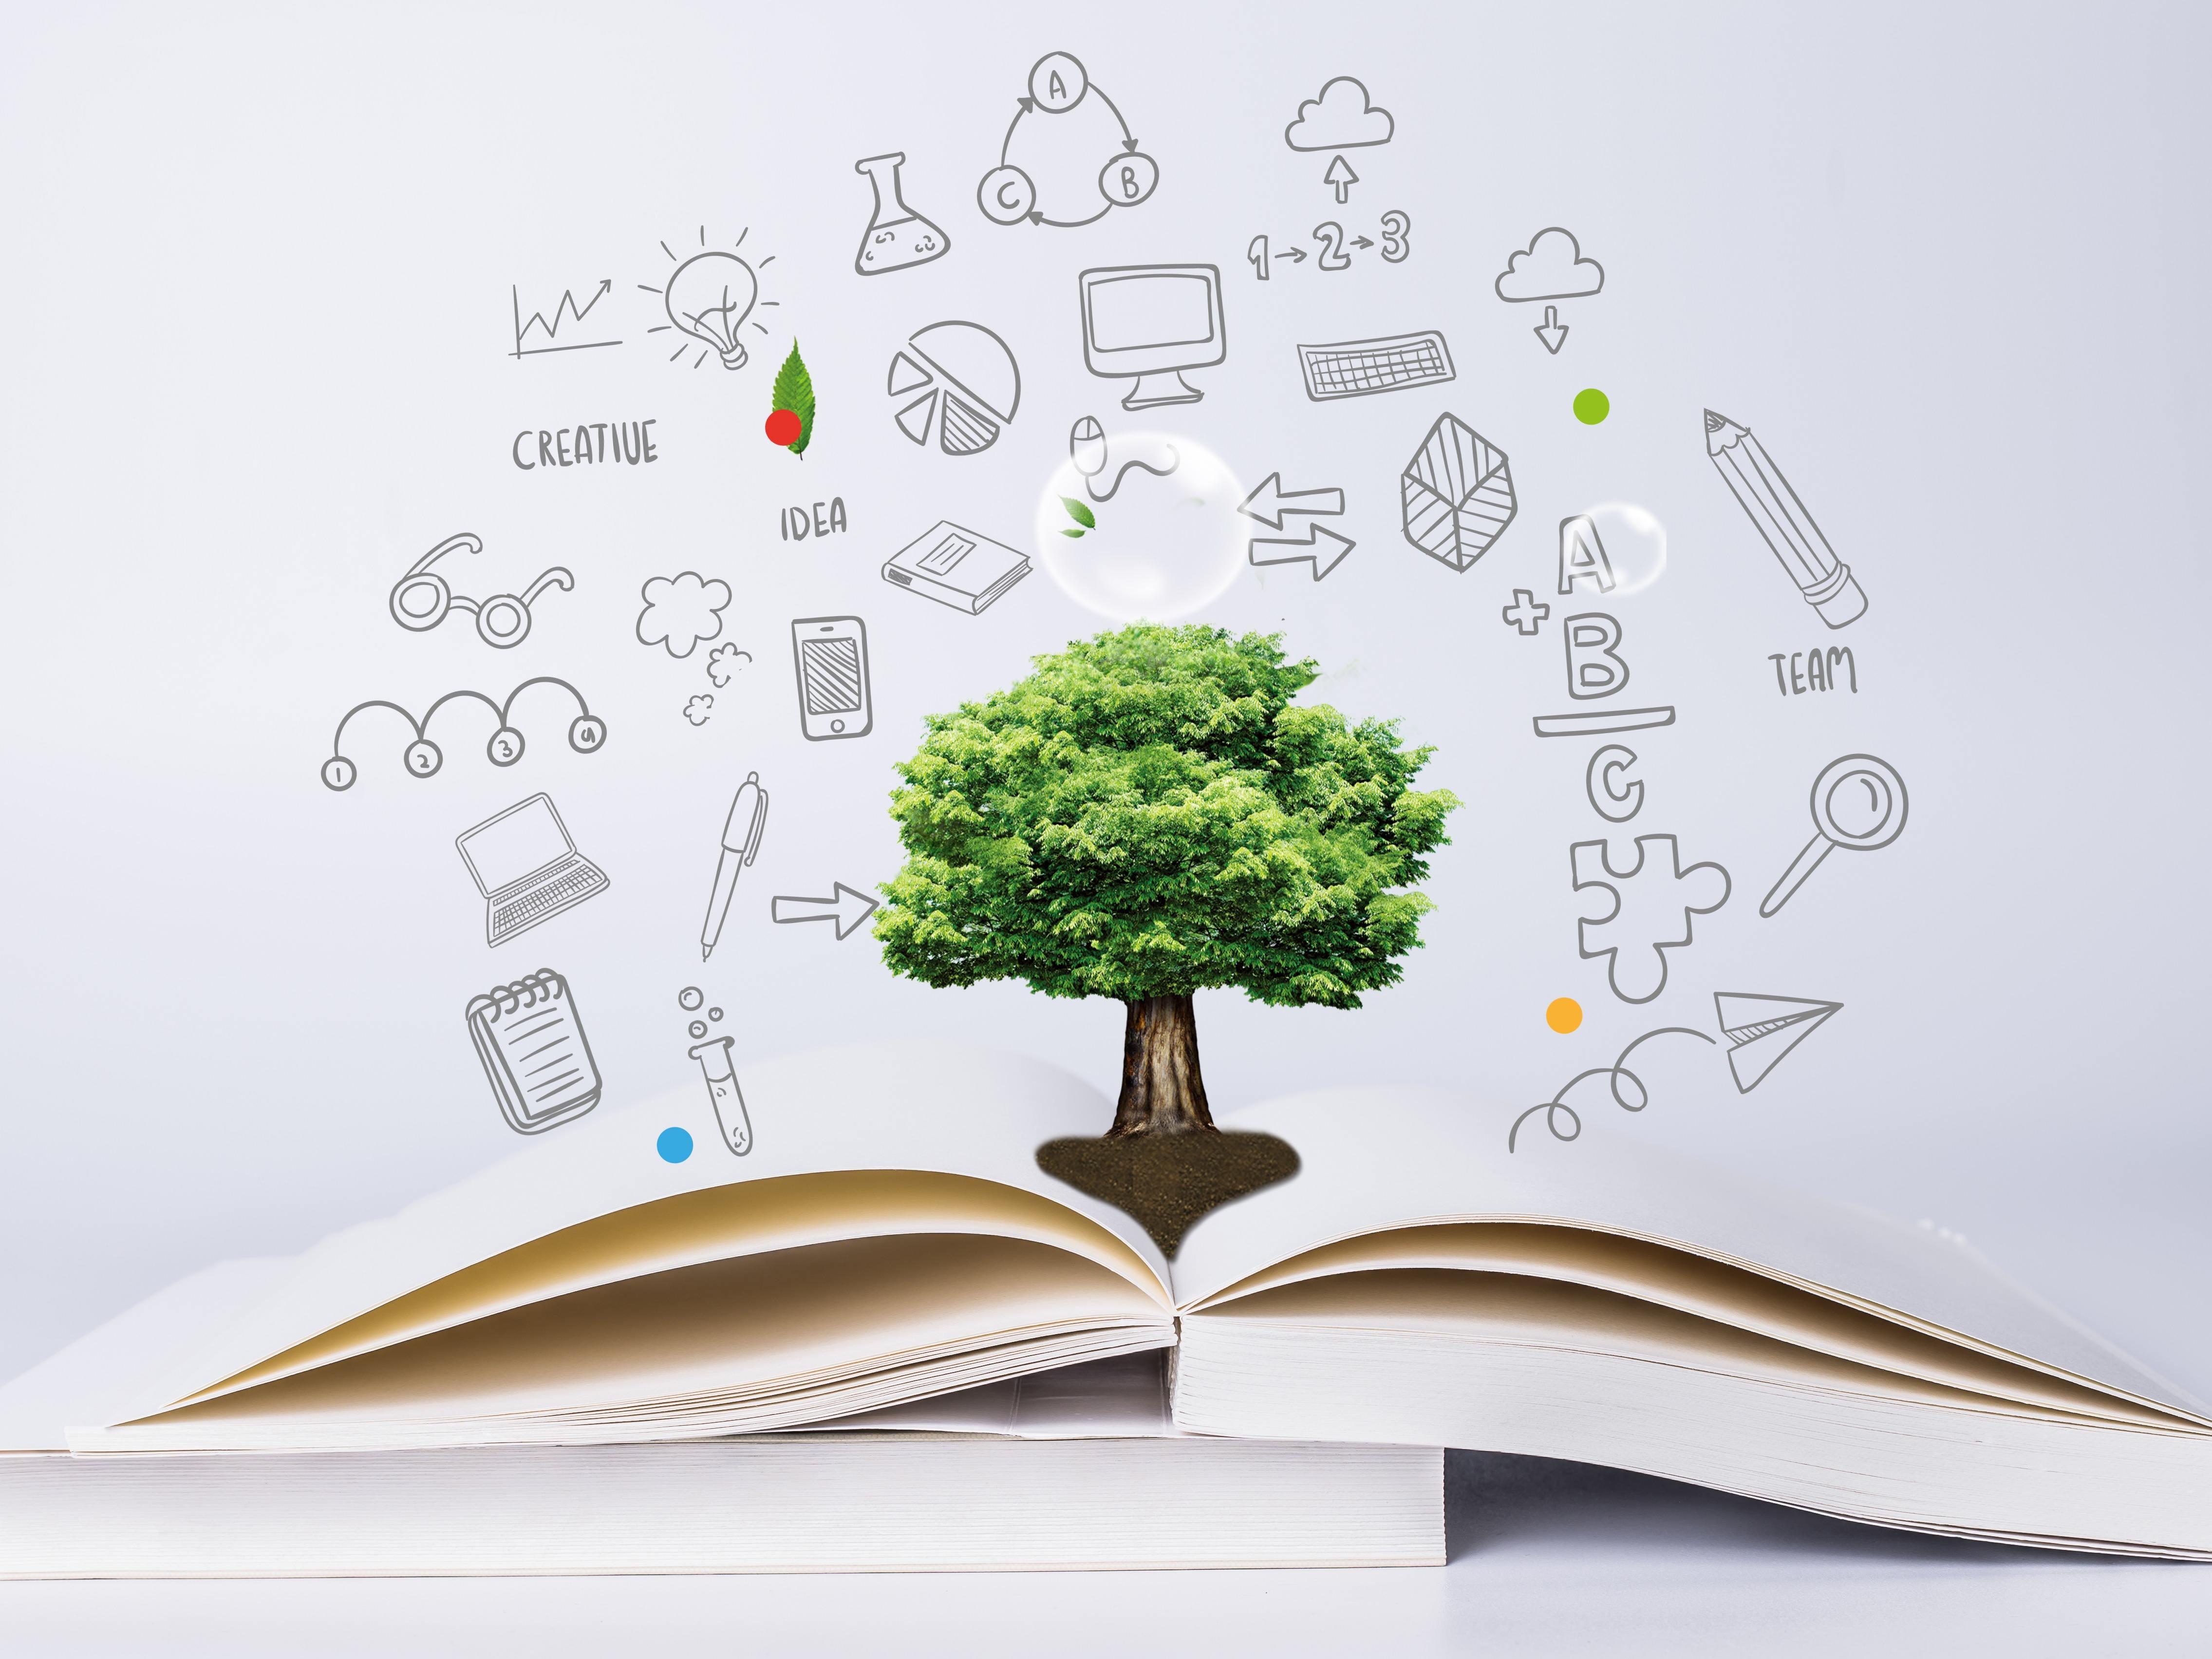 在线教育App开发,零基础自己也能制作,节省90%成本